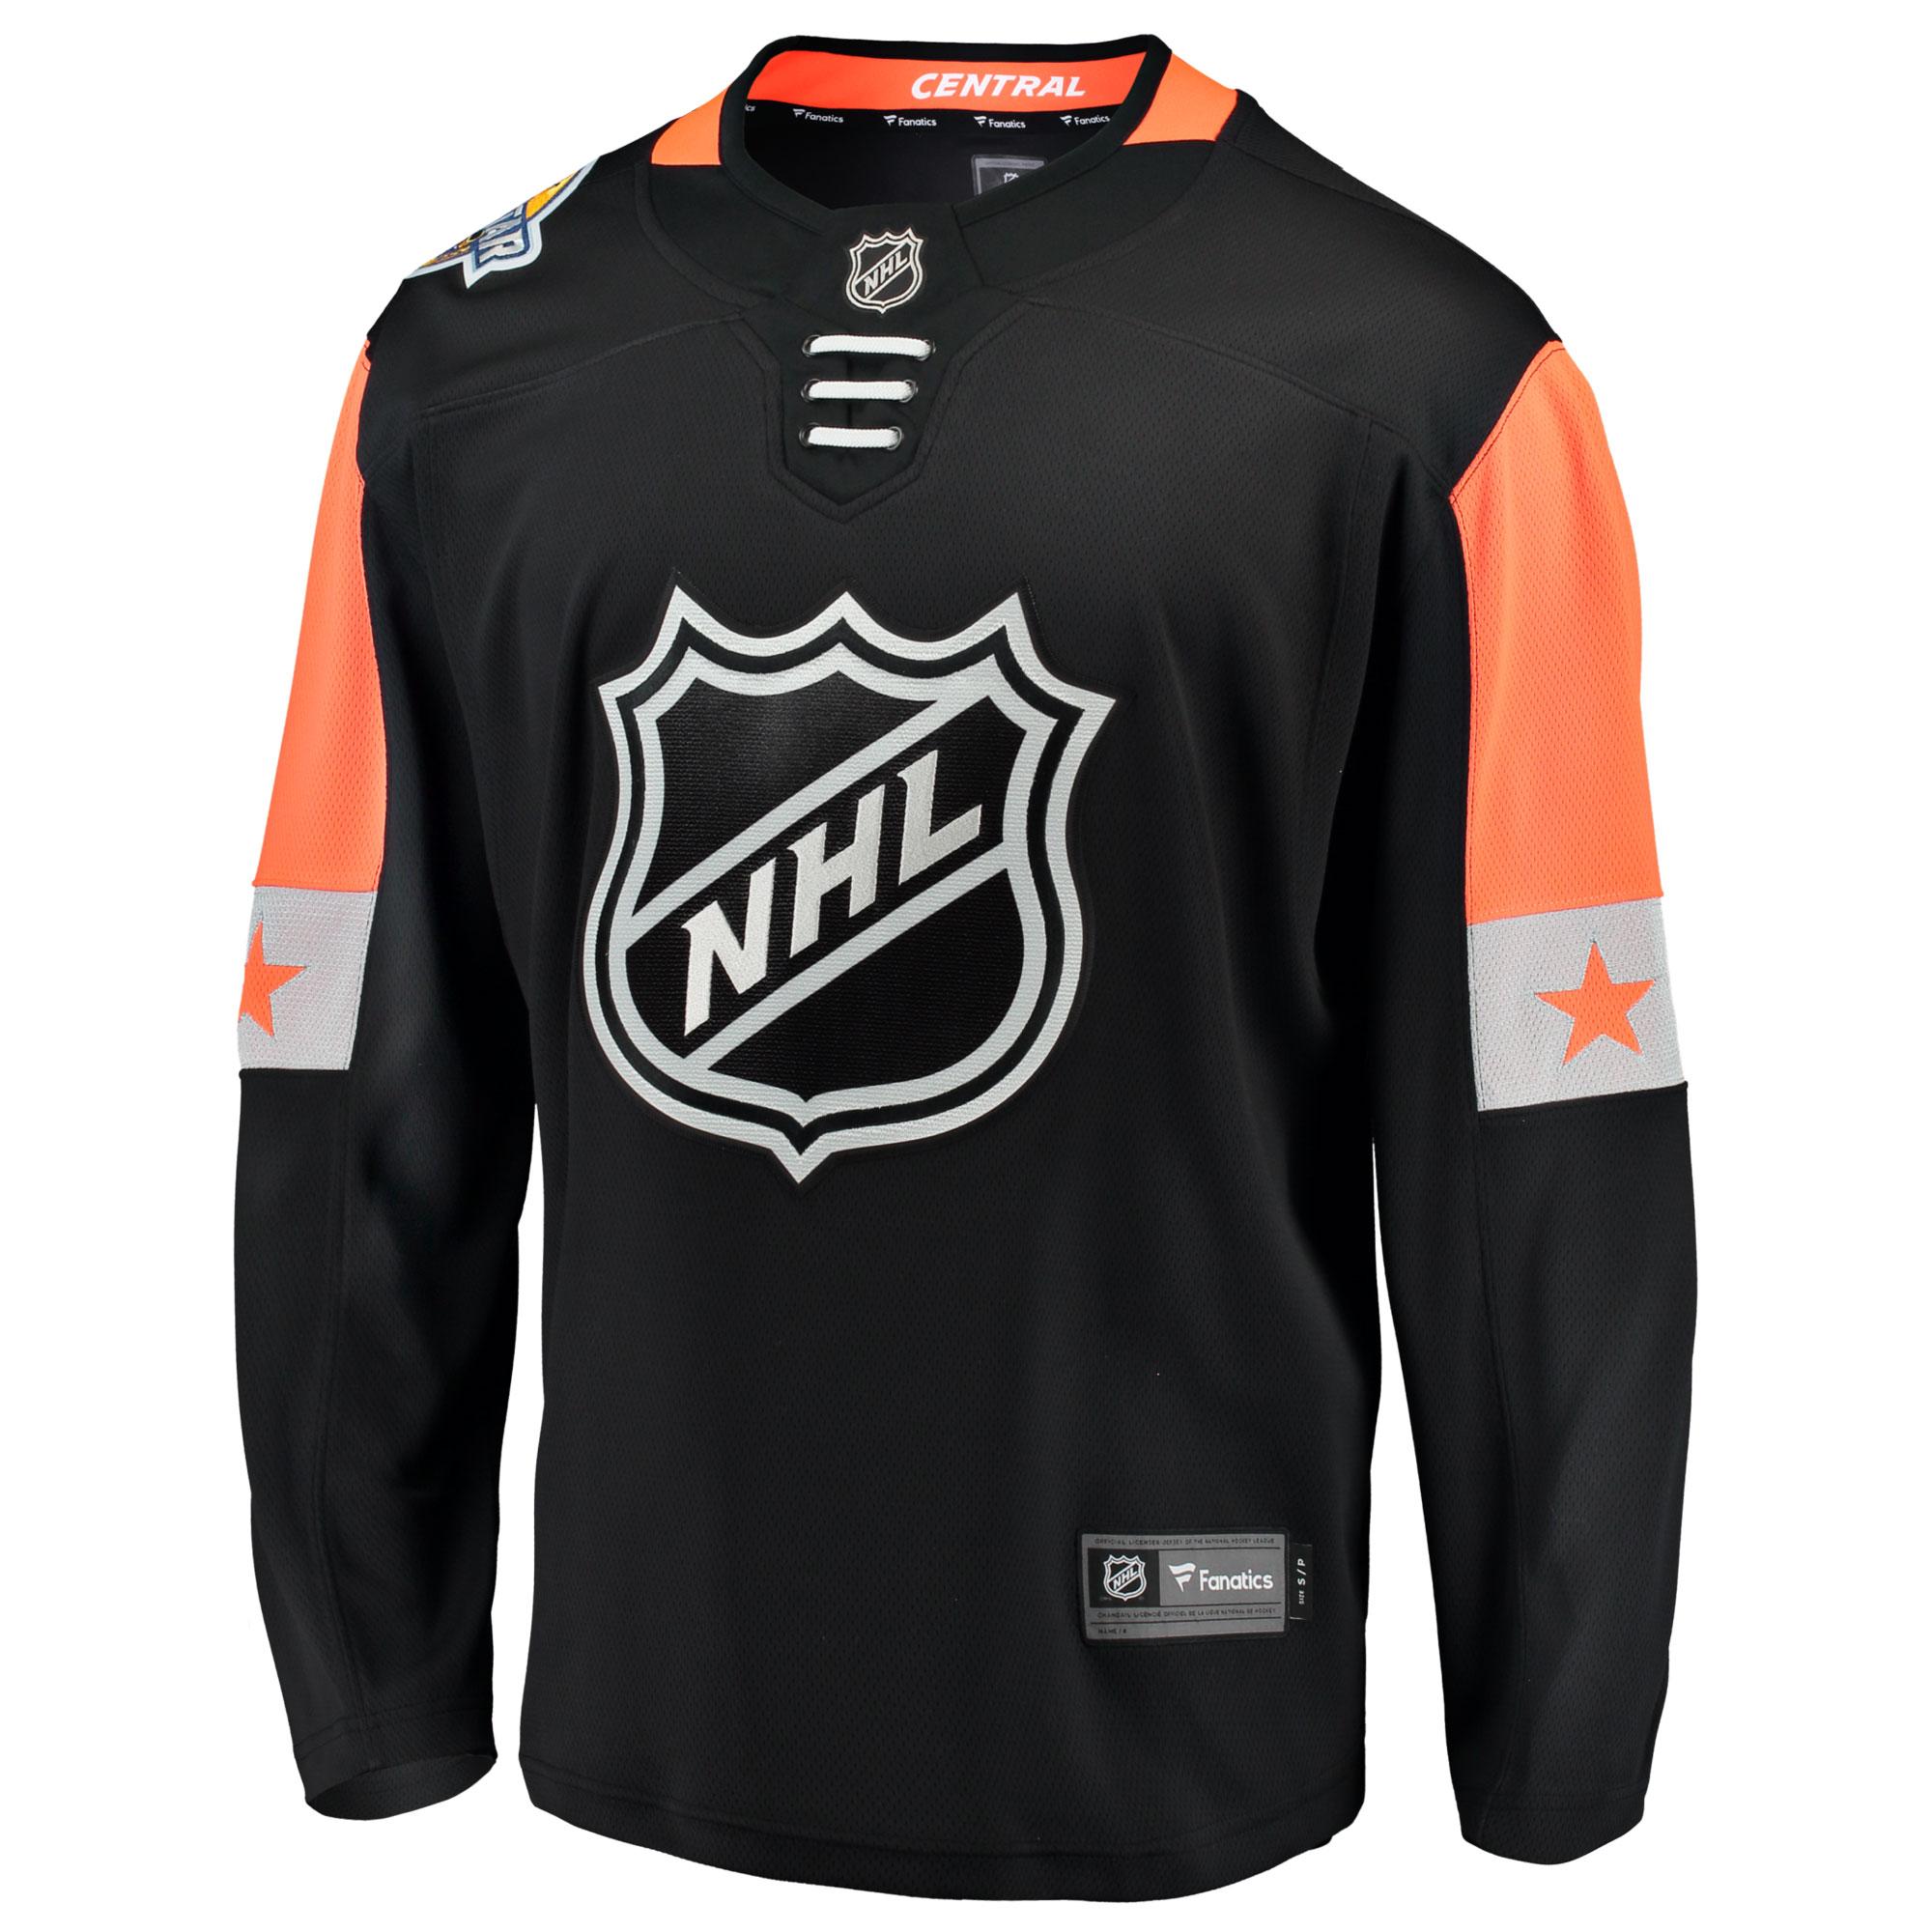 7128719f0cea0 Hokejové kluby (všetky) | Breakaway NHL All-Star dres Centrálnej ...